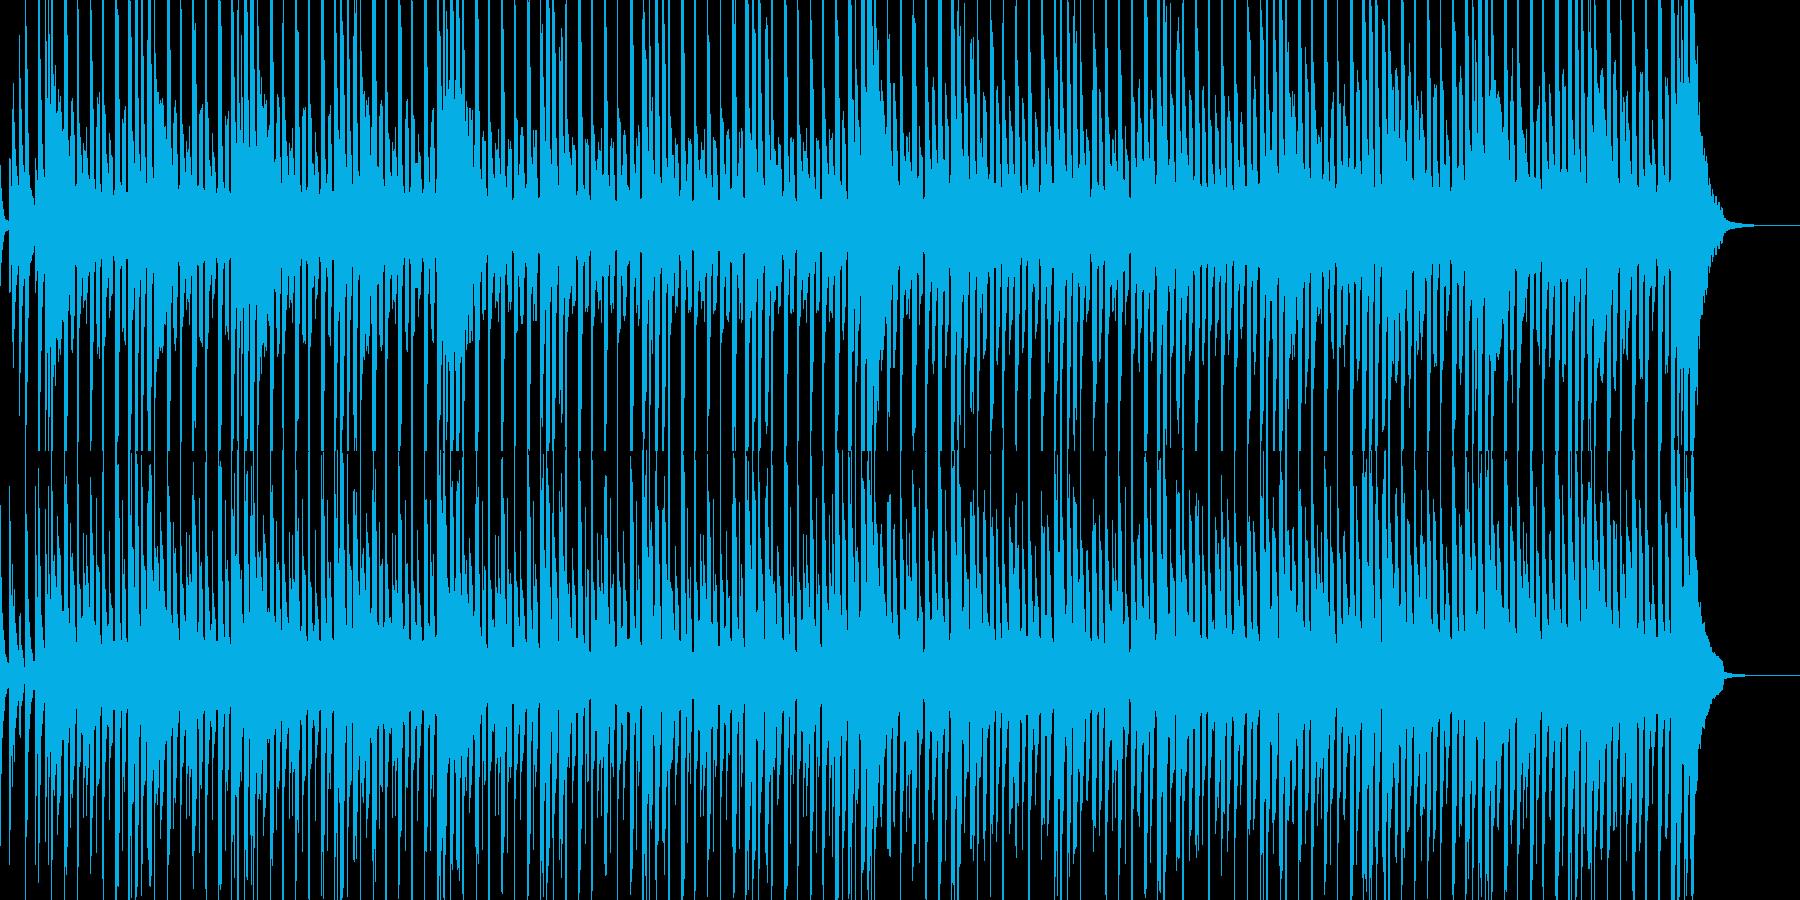 明るくほのぼのしたBGMの再生済みの波形